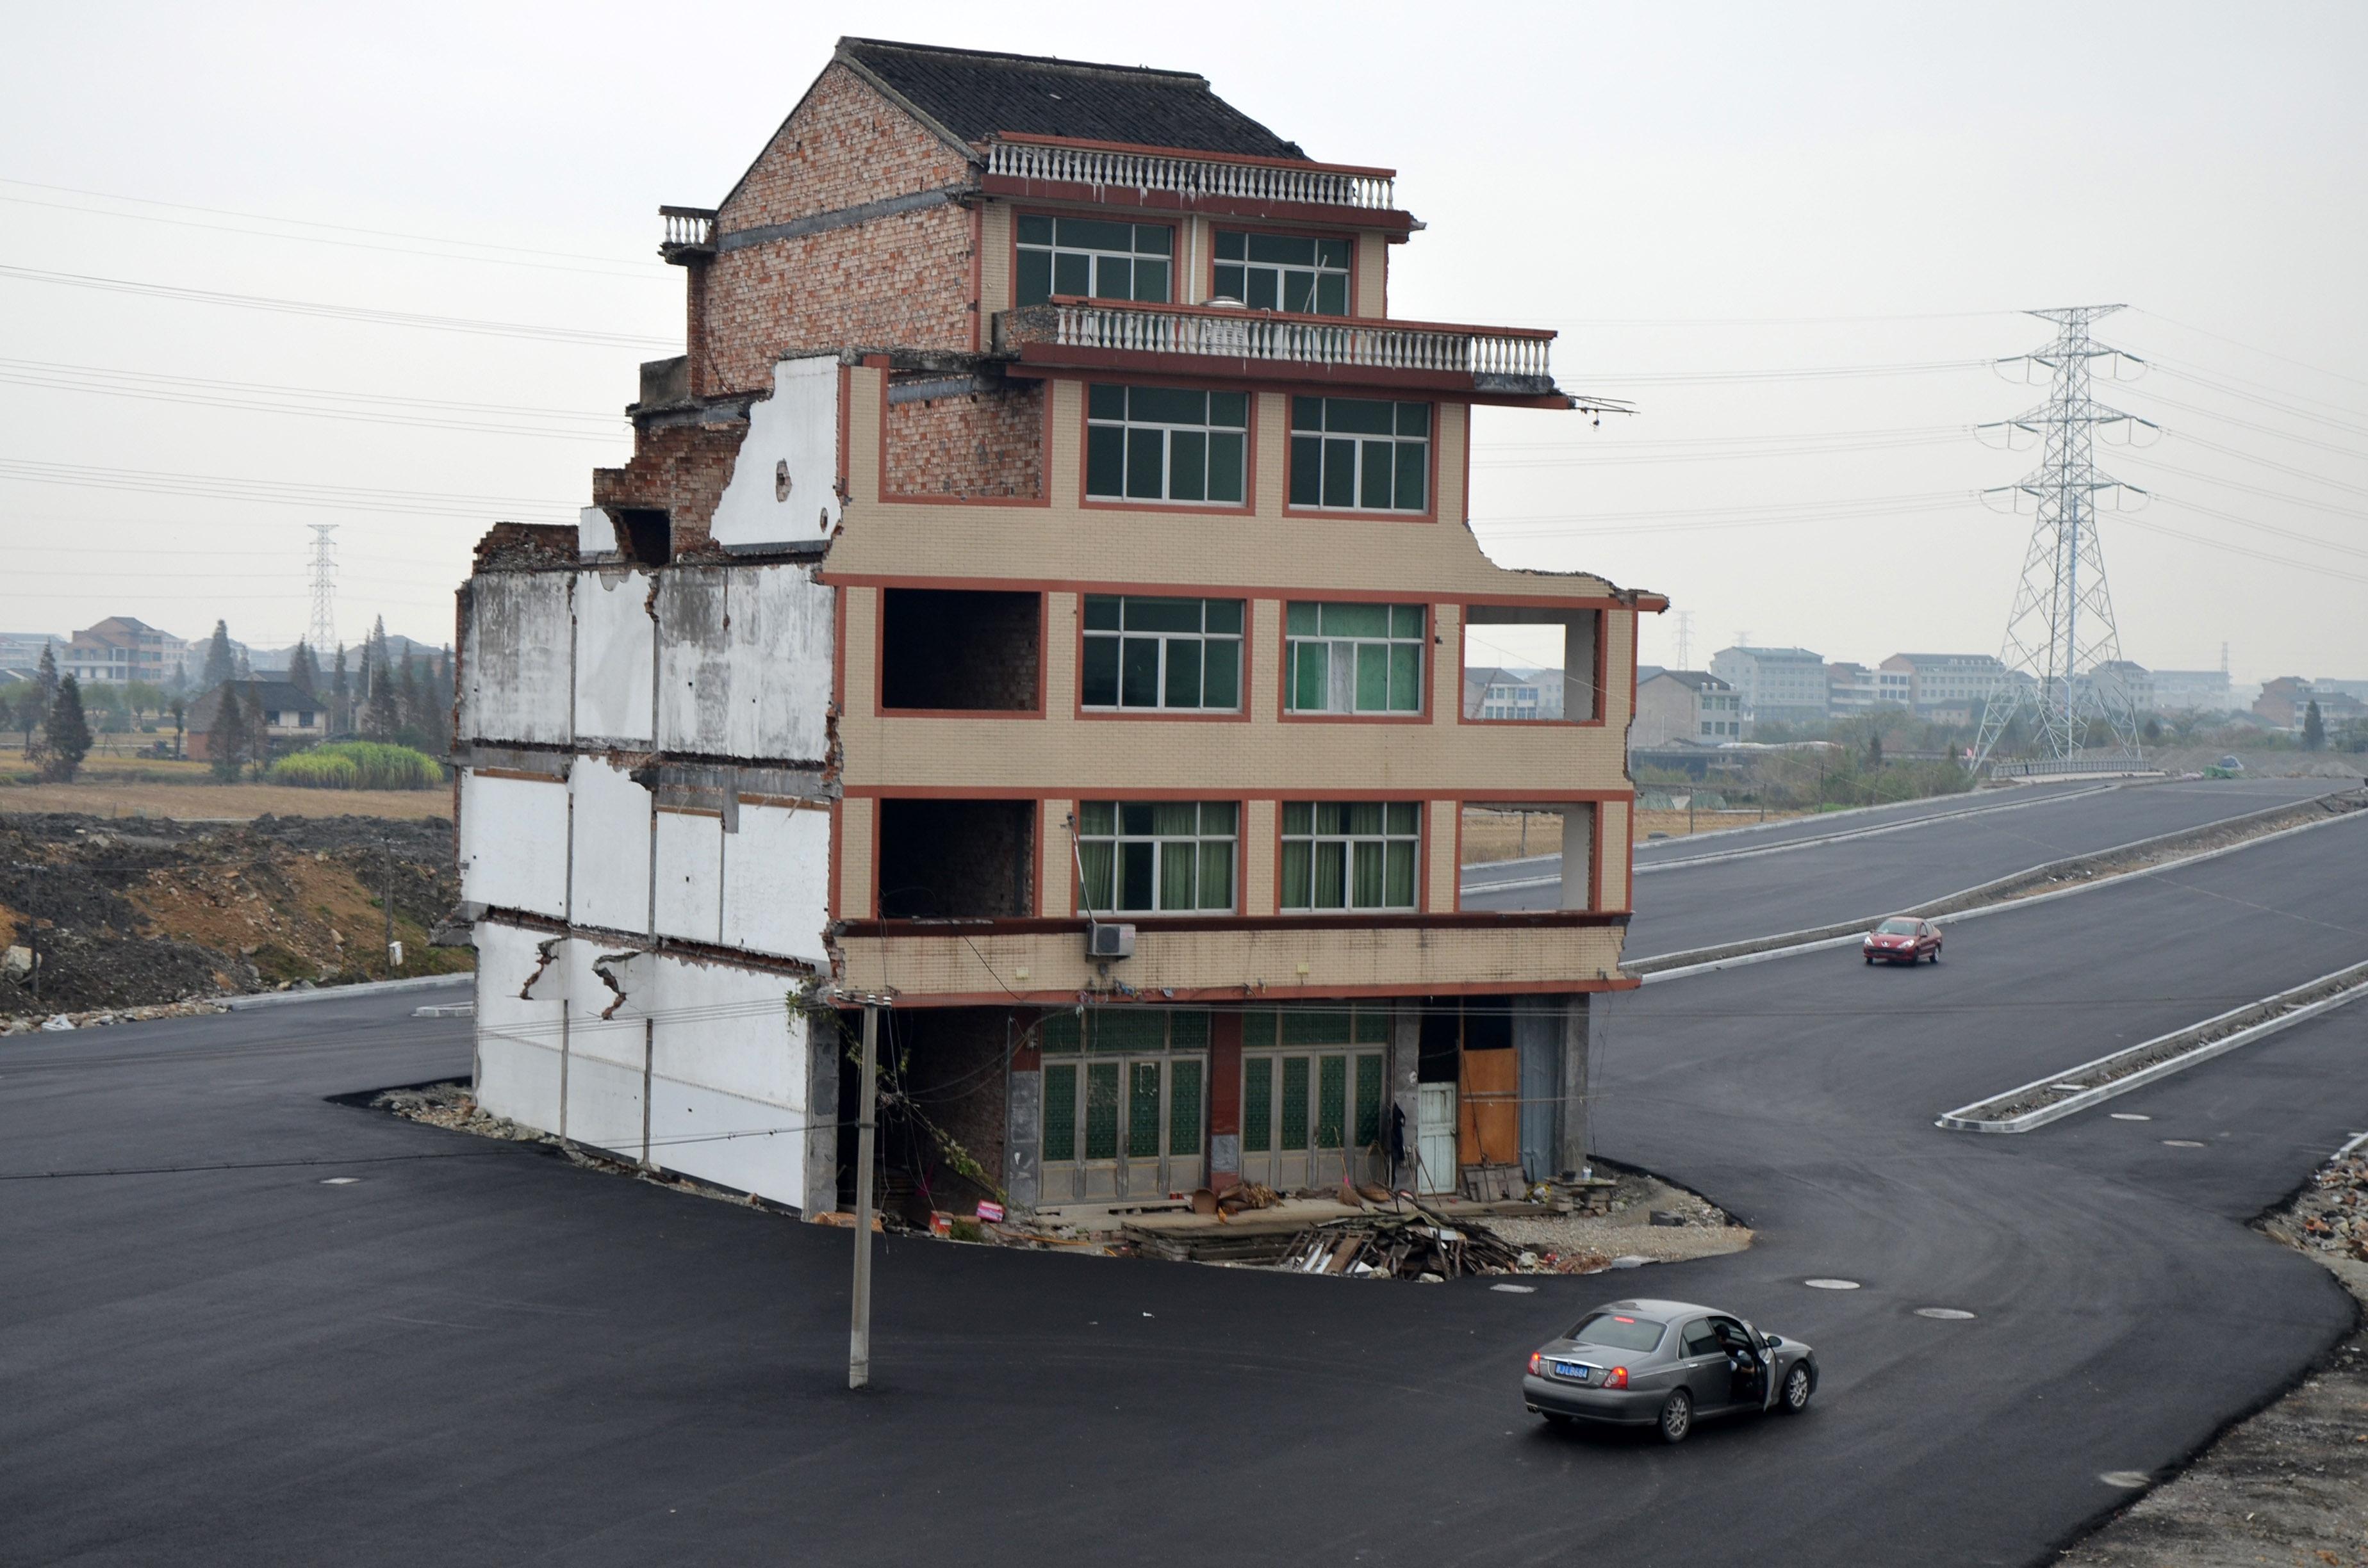 Derrumban la casa que sobrevivía en medio de una autopista (fotos)